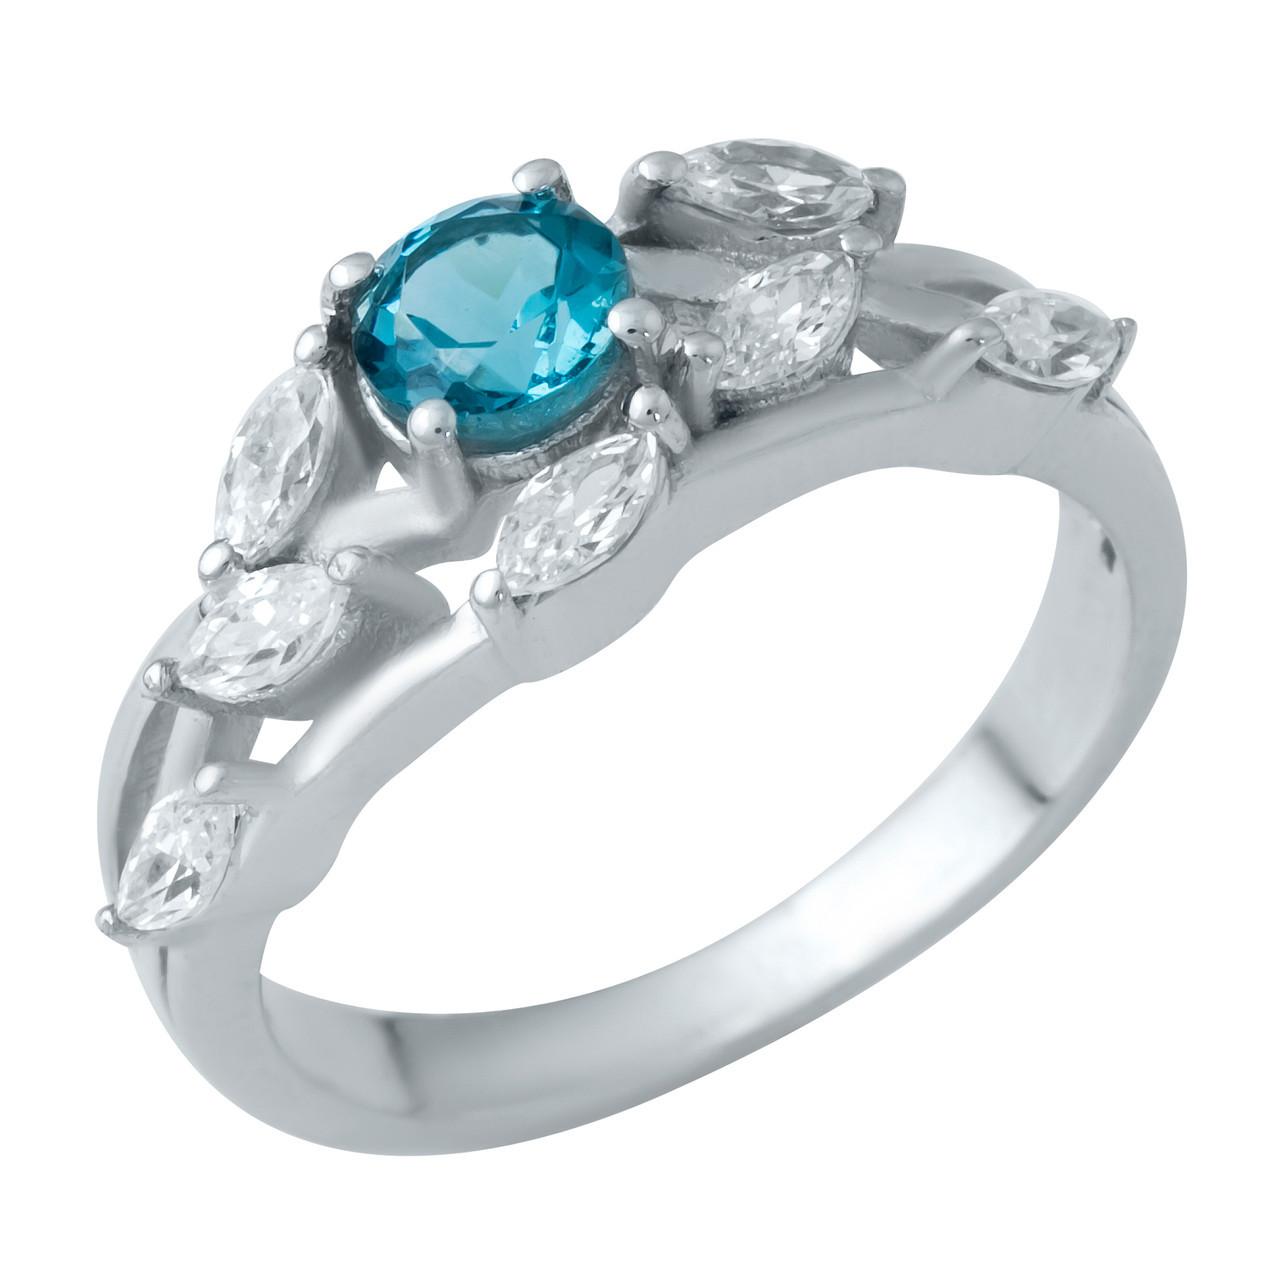 Родированное серебряное кольцо 925 пробы с натуральным топазом Лондон Блю